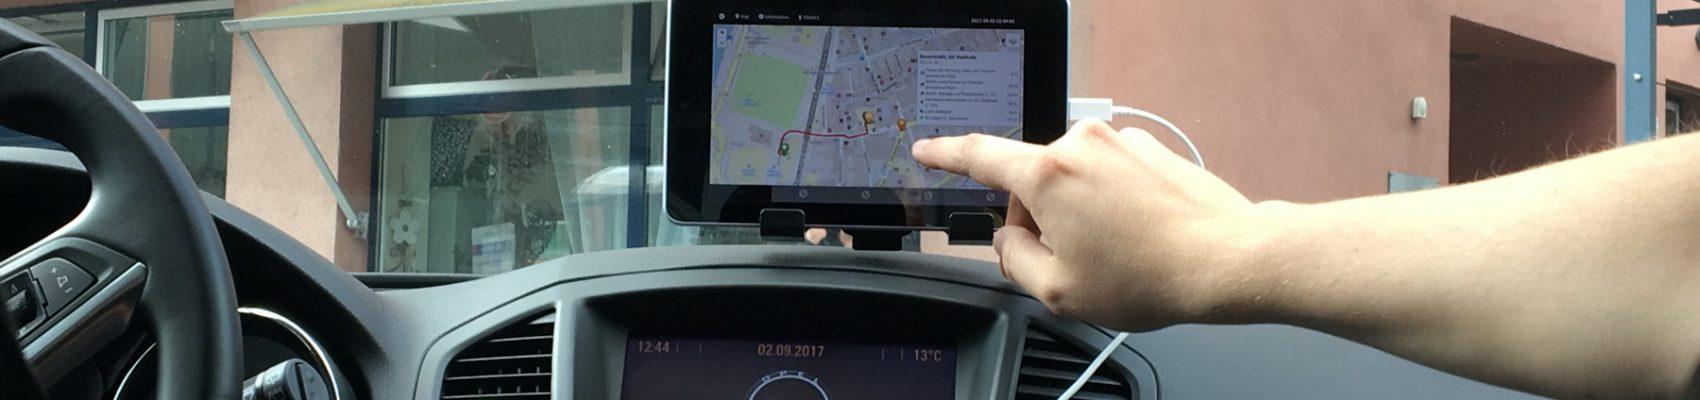 Testfeld HTW automatisiertes Fahren